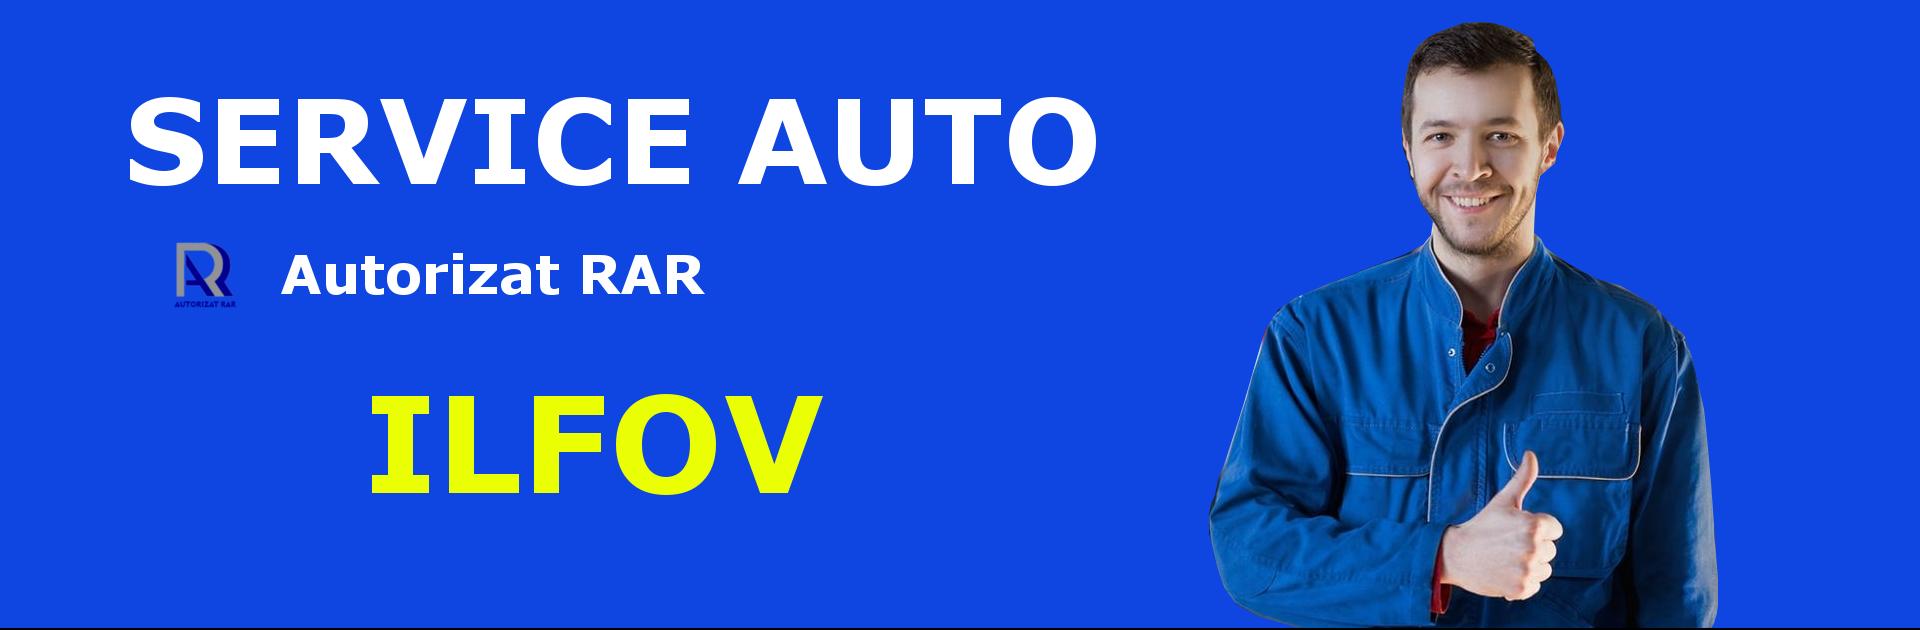 Banner service ILFOV